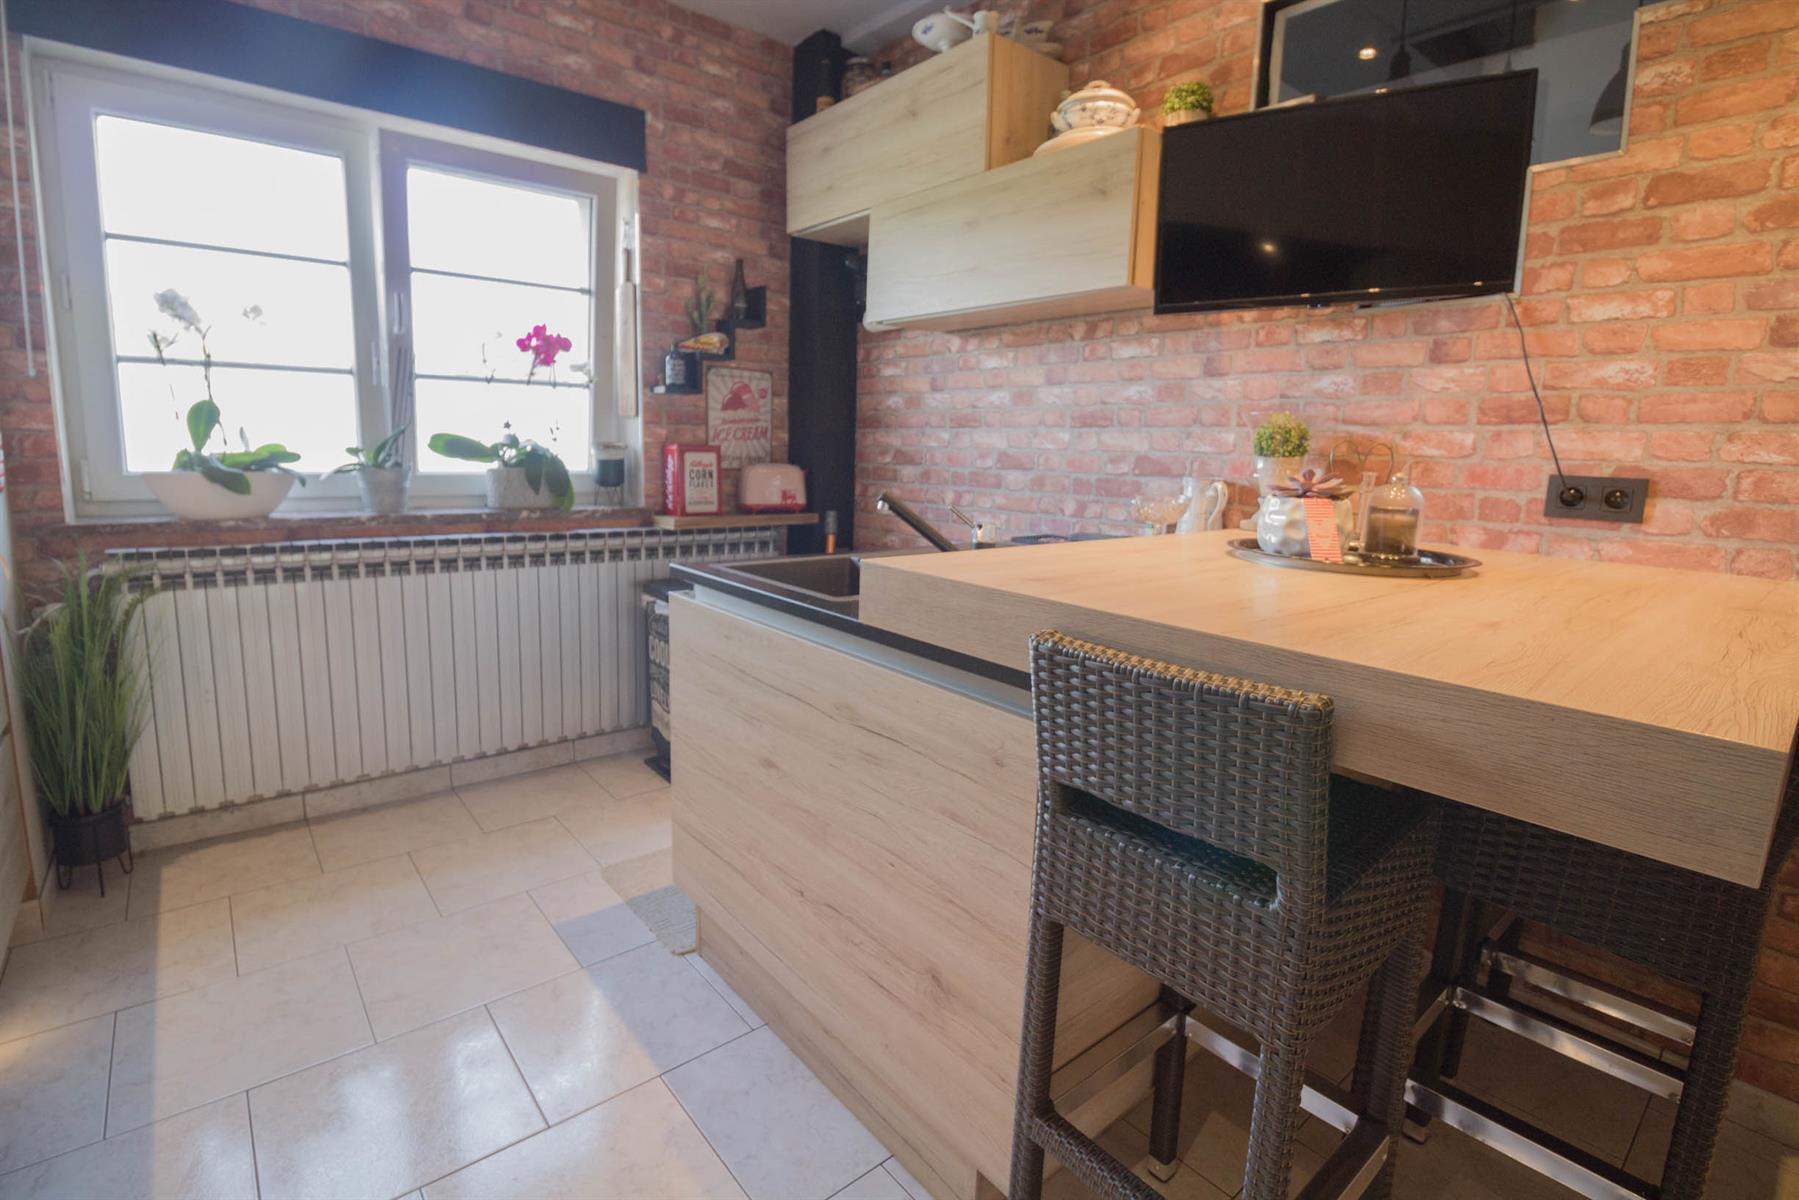 Maison - Forchies-la-Marche - #4381660-9